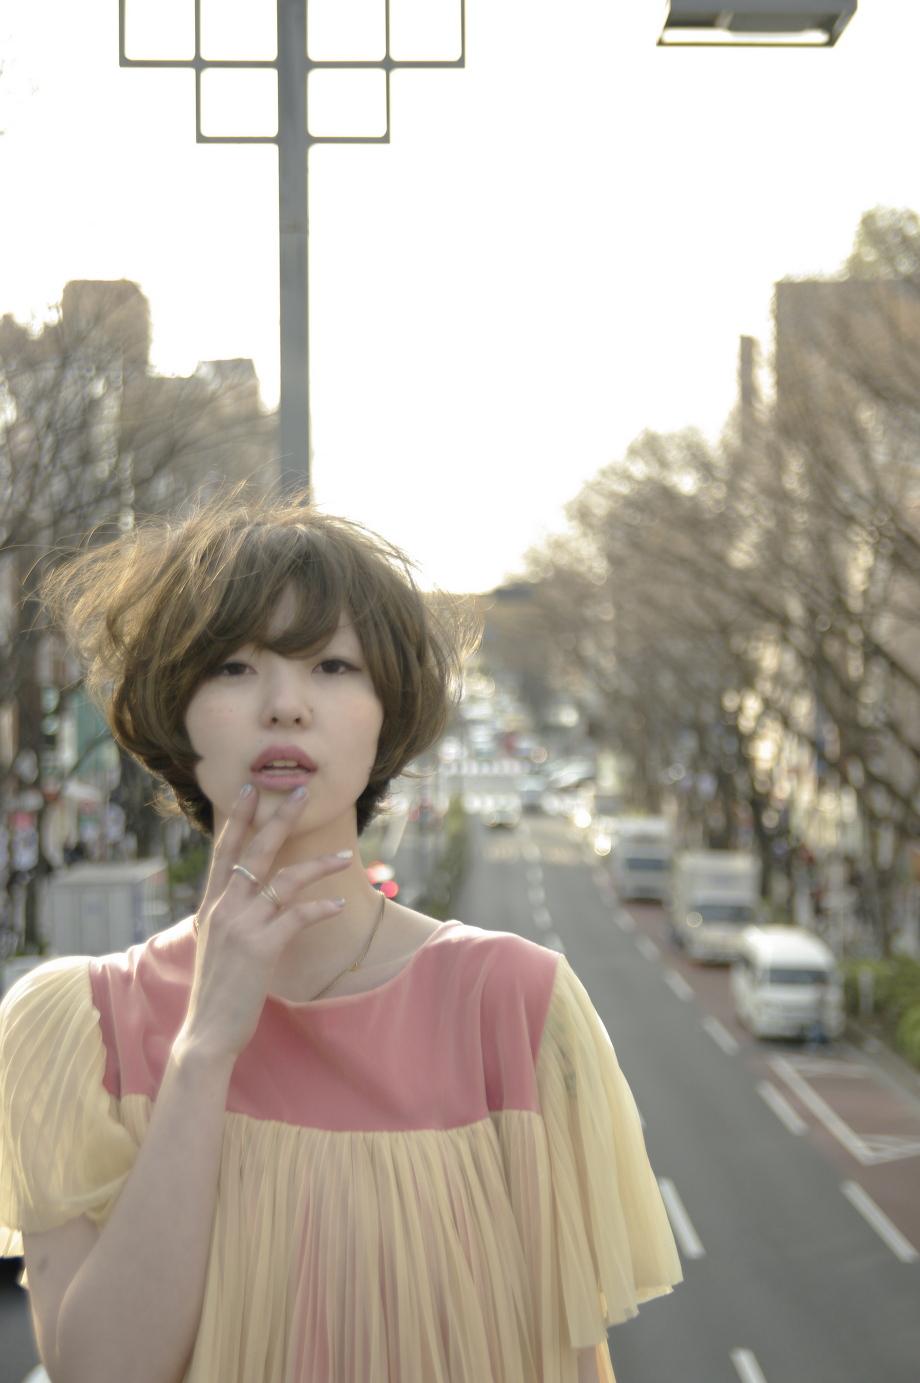 ウツギ tOKYO ショート アート ヘア classical short 作品